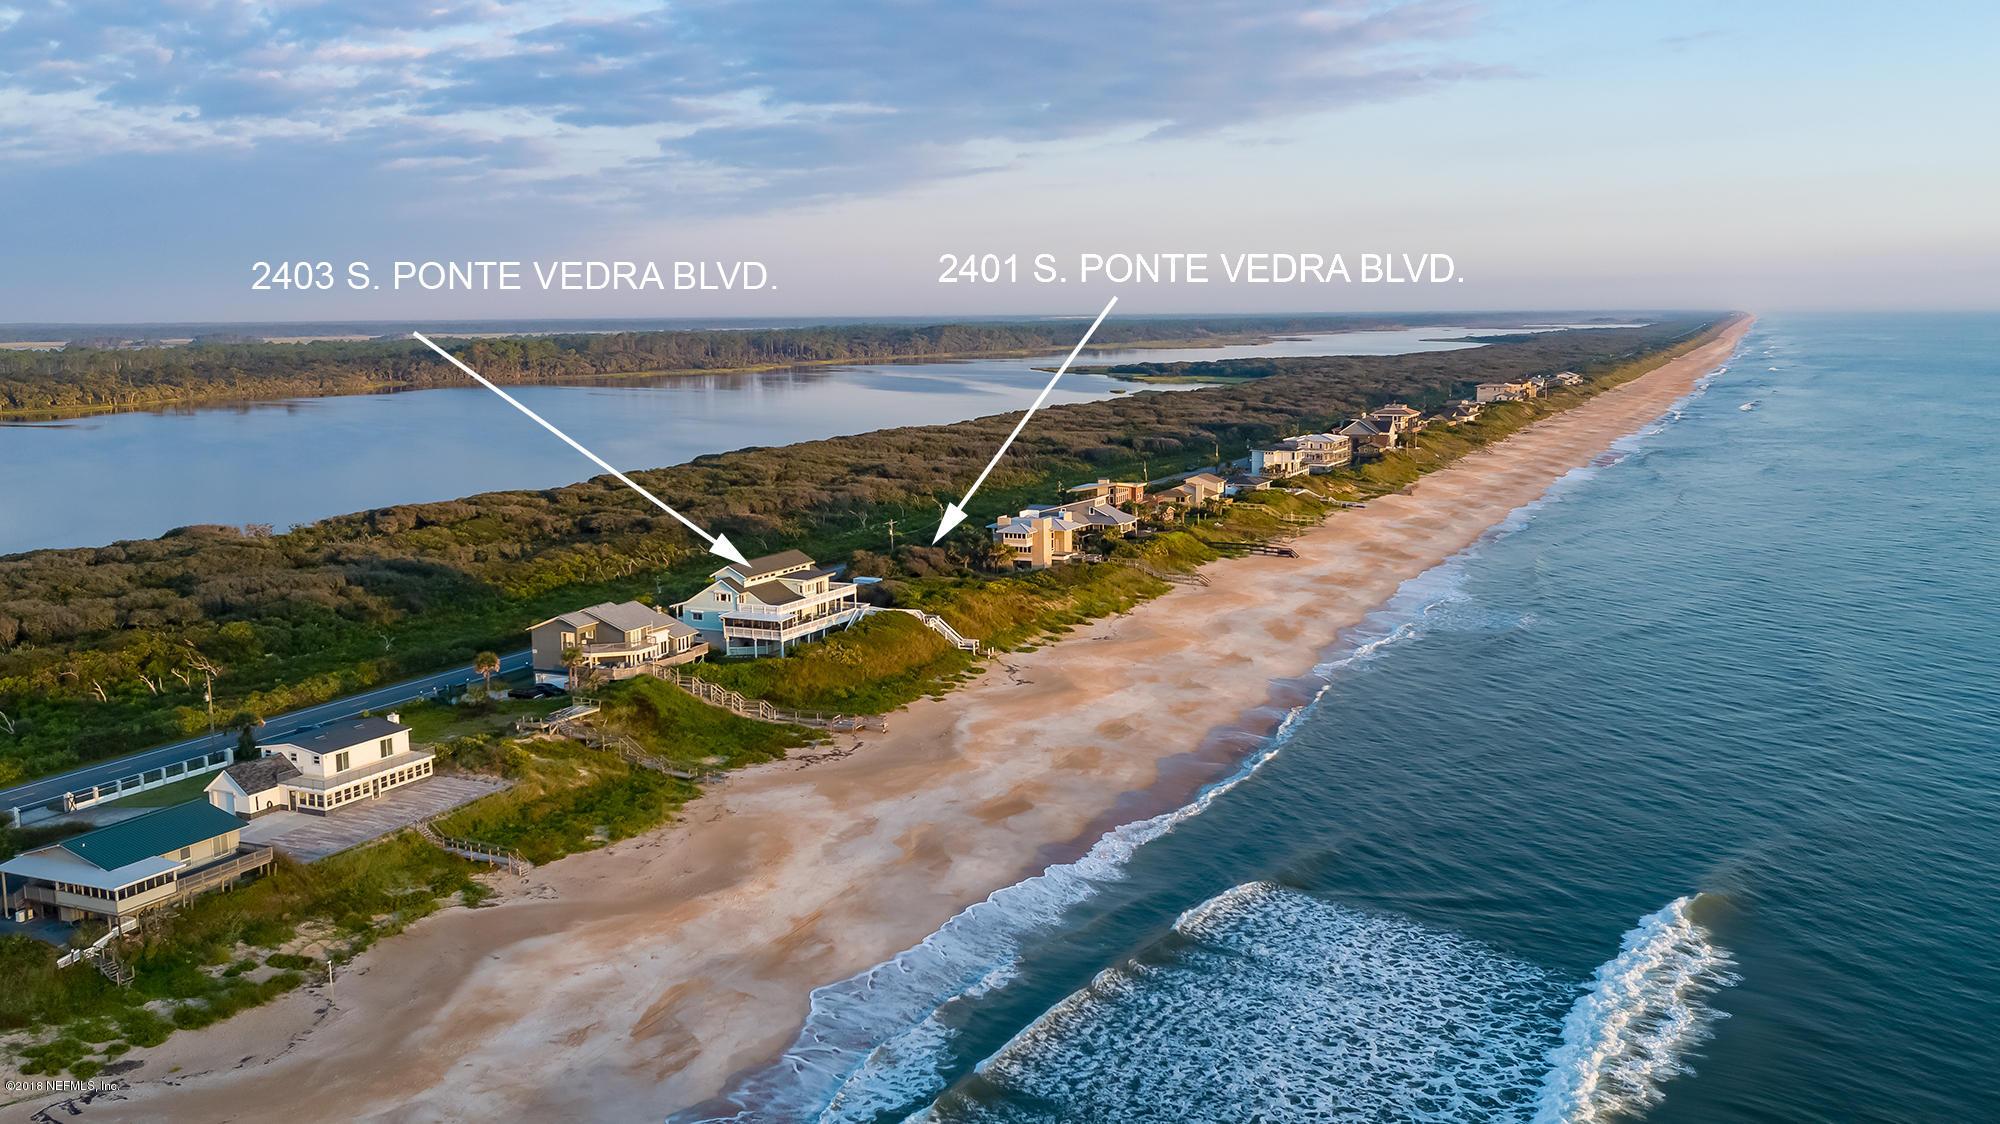 2401&2403 PONTE VEDRA BLVD PONTE VEDRA BEACH - 4